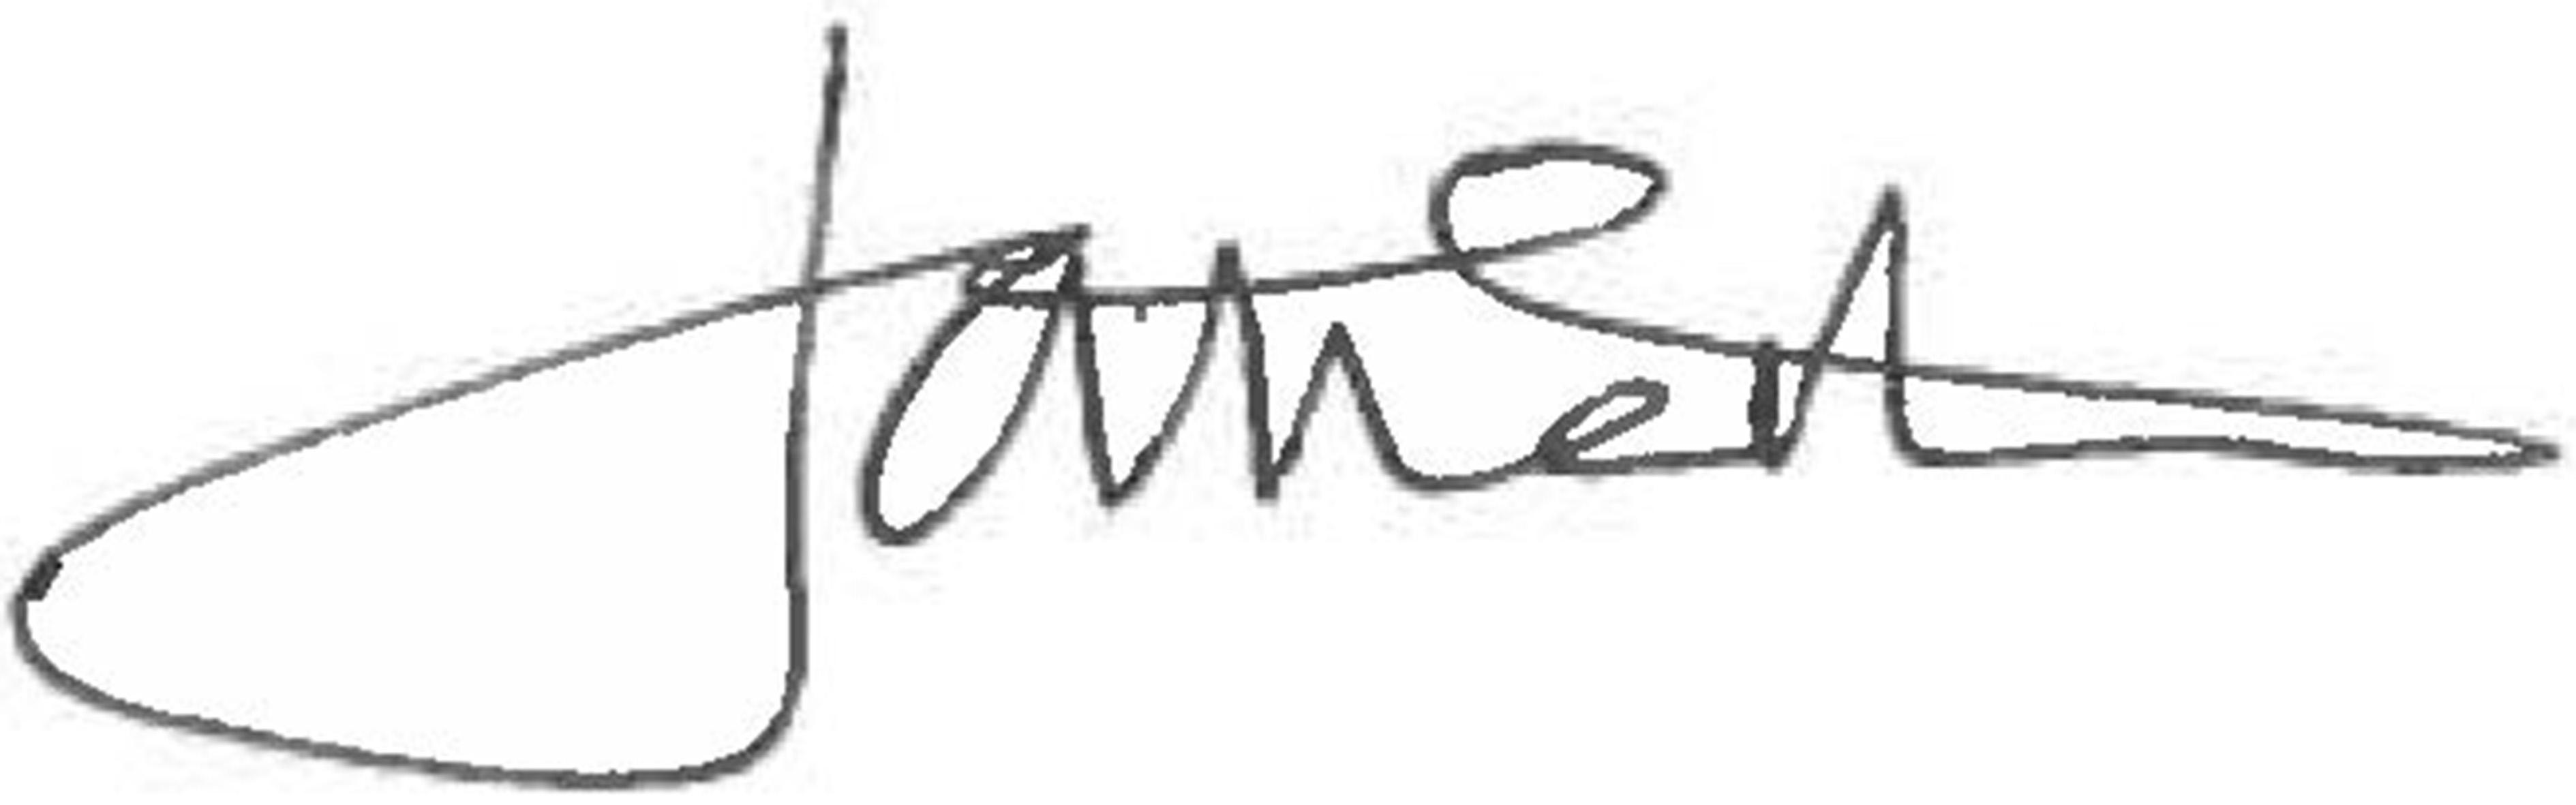 朱莉娅·纳斯顿的签名